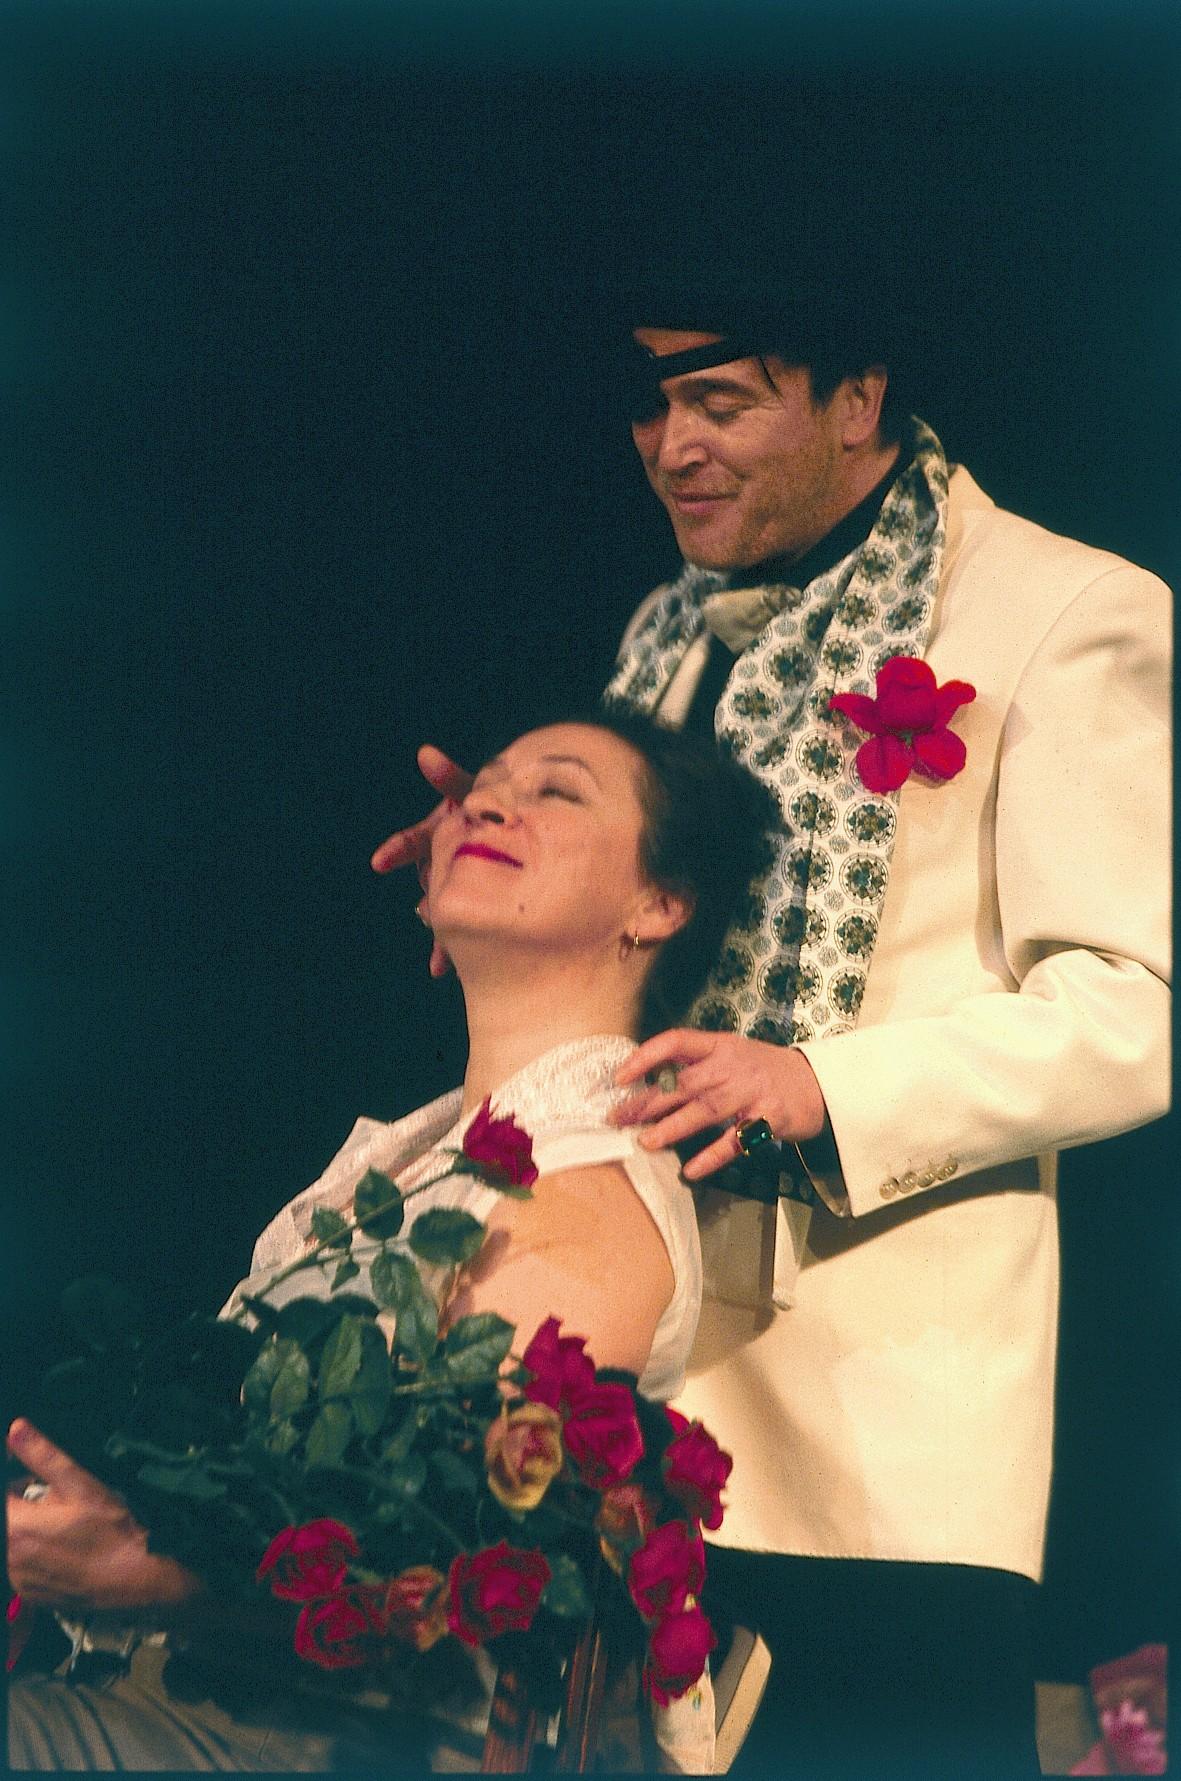 Der bittere Honig - Eva Mattes, Uwe Bohm - © St. Pauli Theater